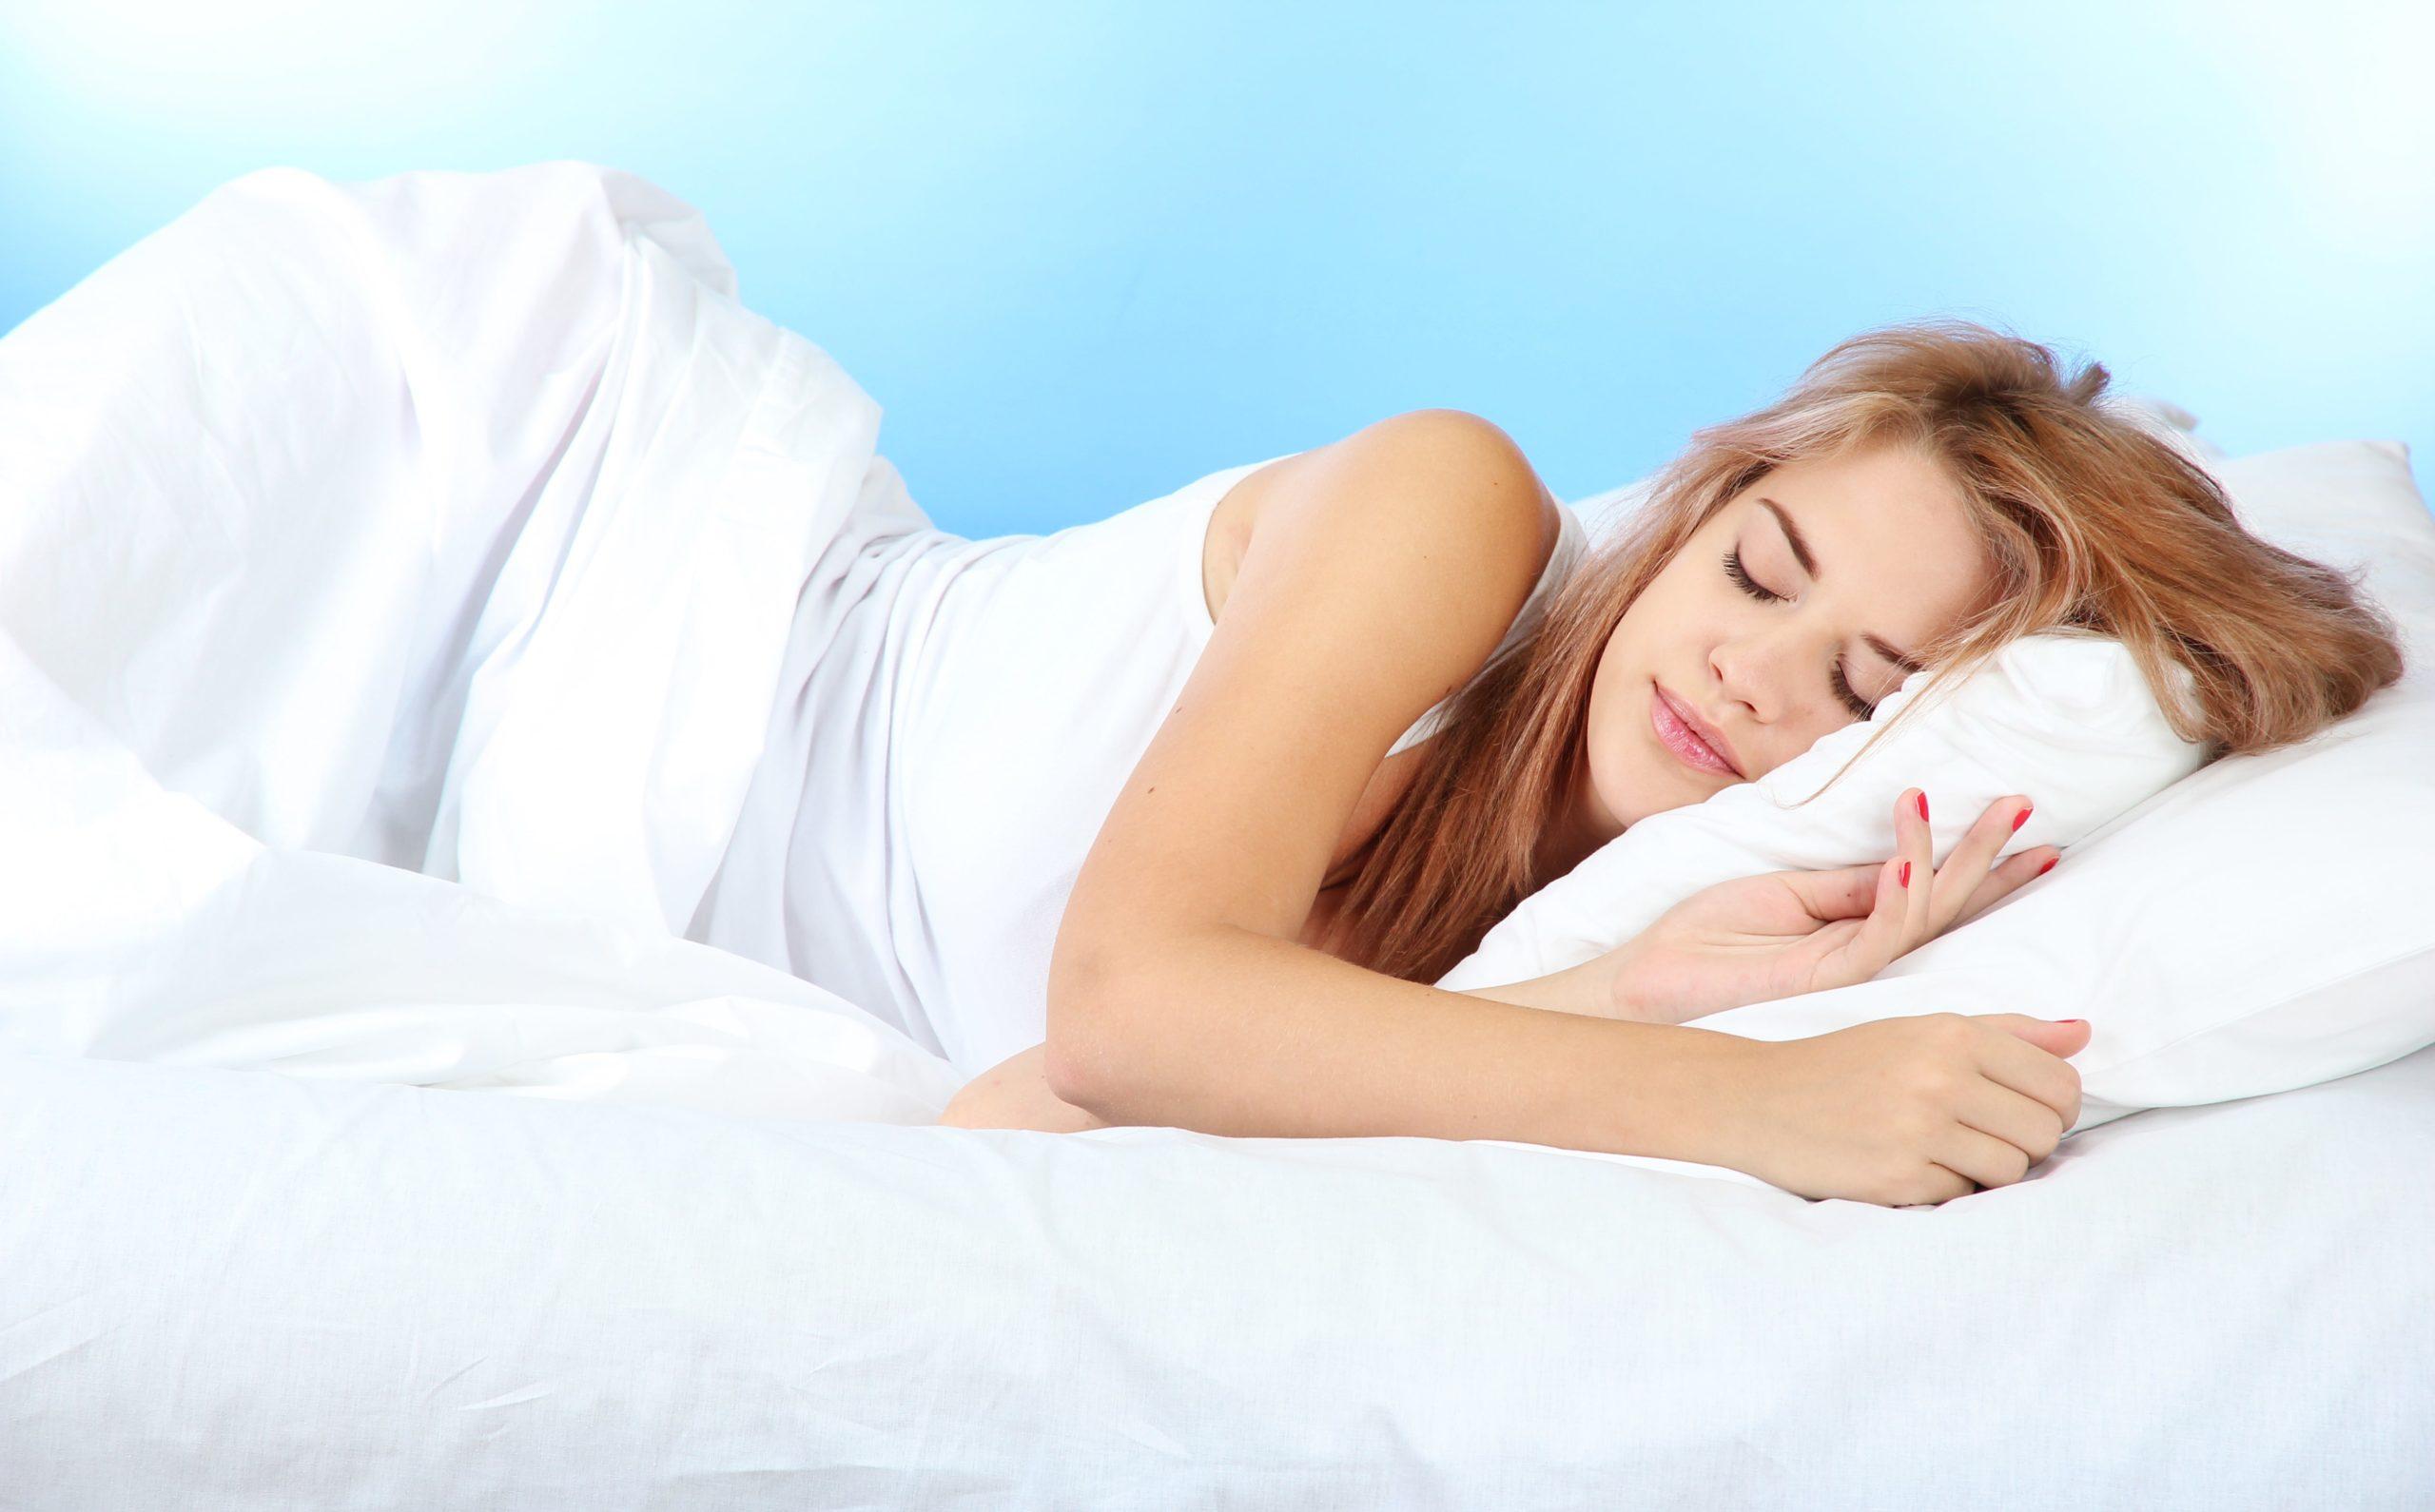 Preparaty uspokajające i na dobry sen